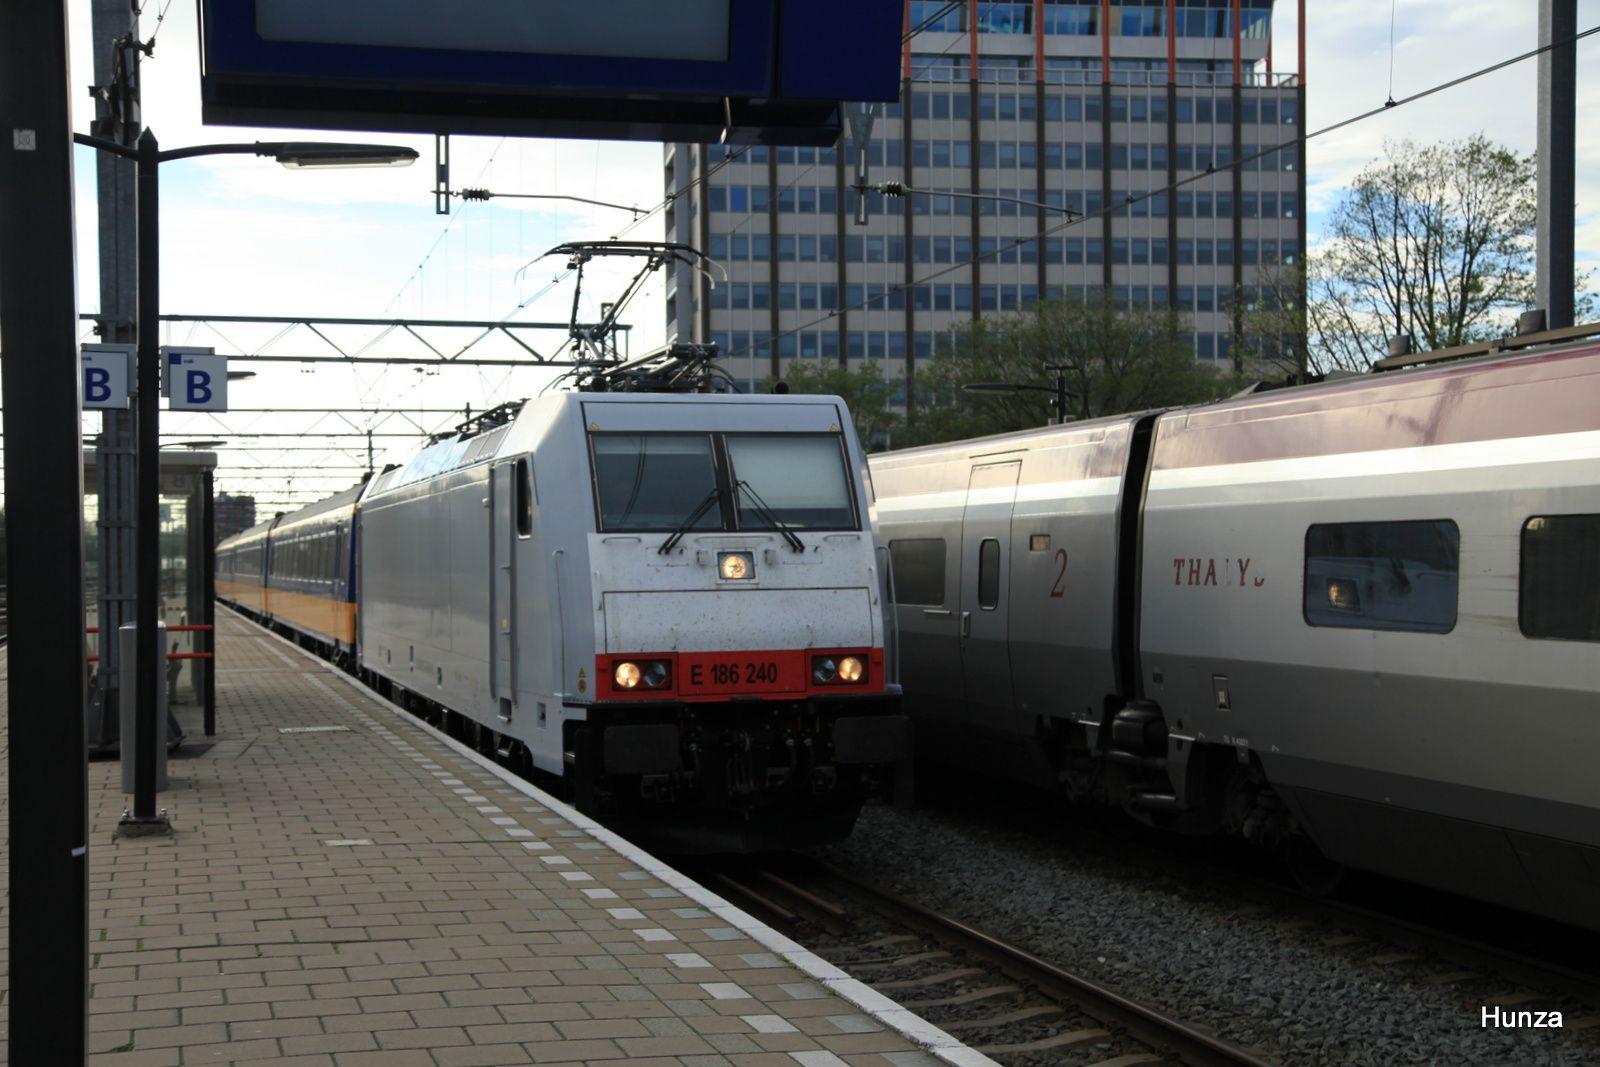 Amsterdam centraal : arrivée du train avec la locomotive E 186 240 (11 août 2017)